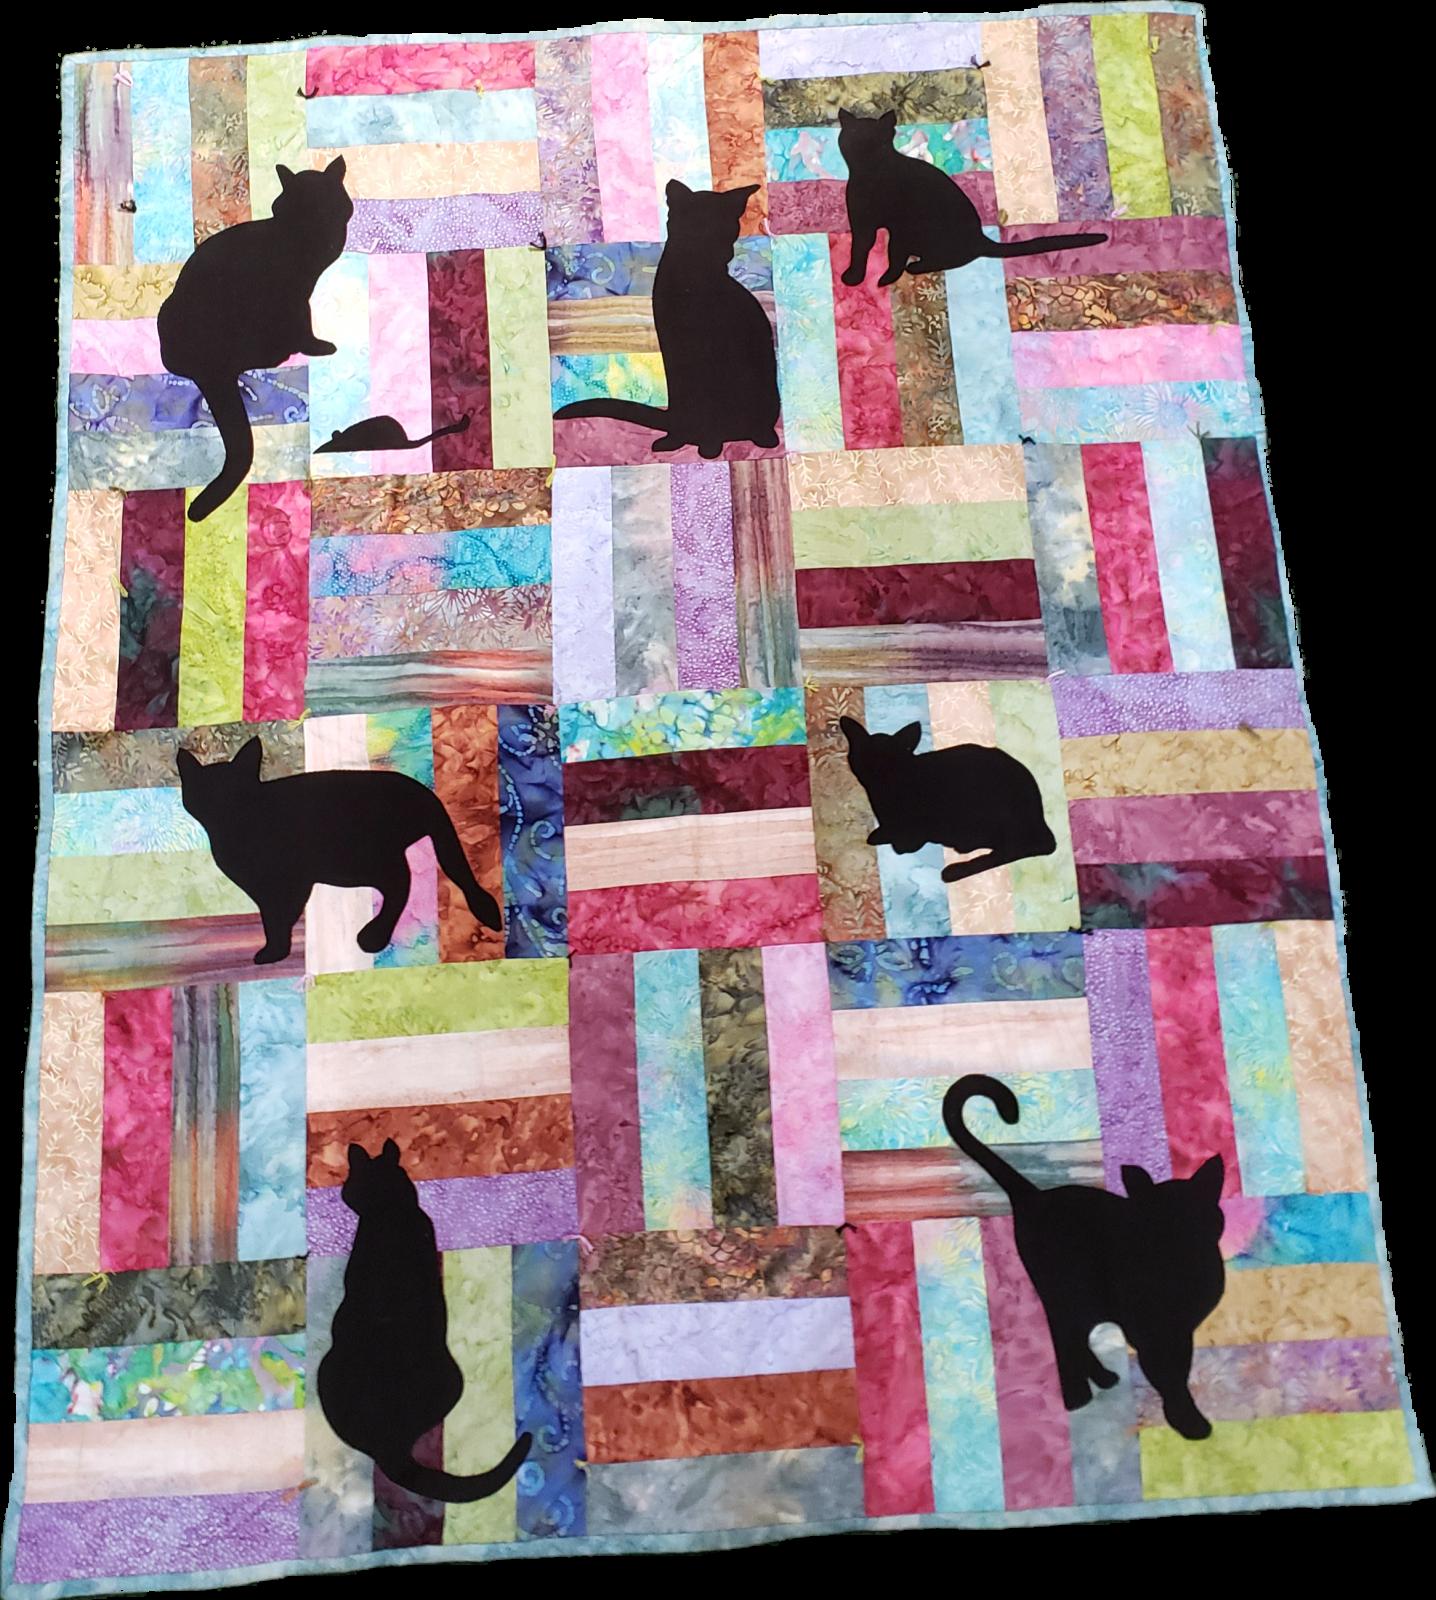 Lap Kitties Kit - 50 by 60